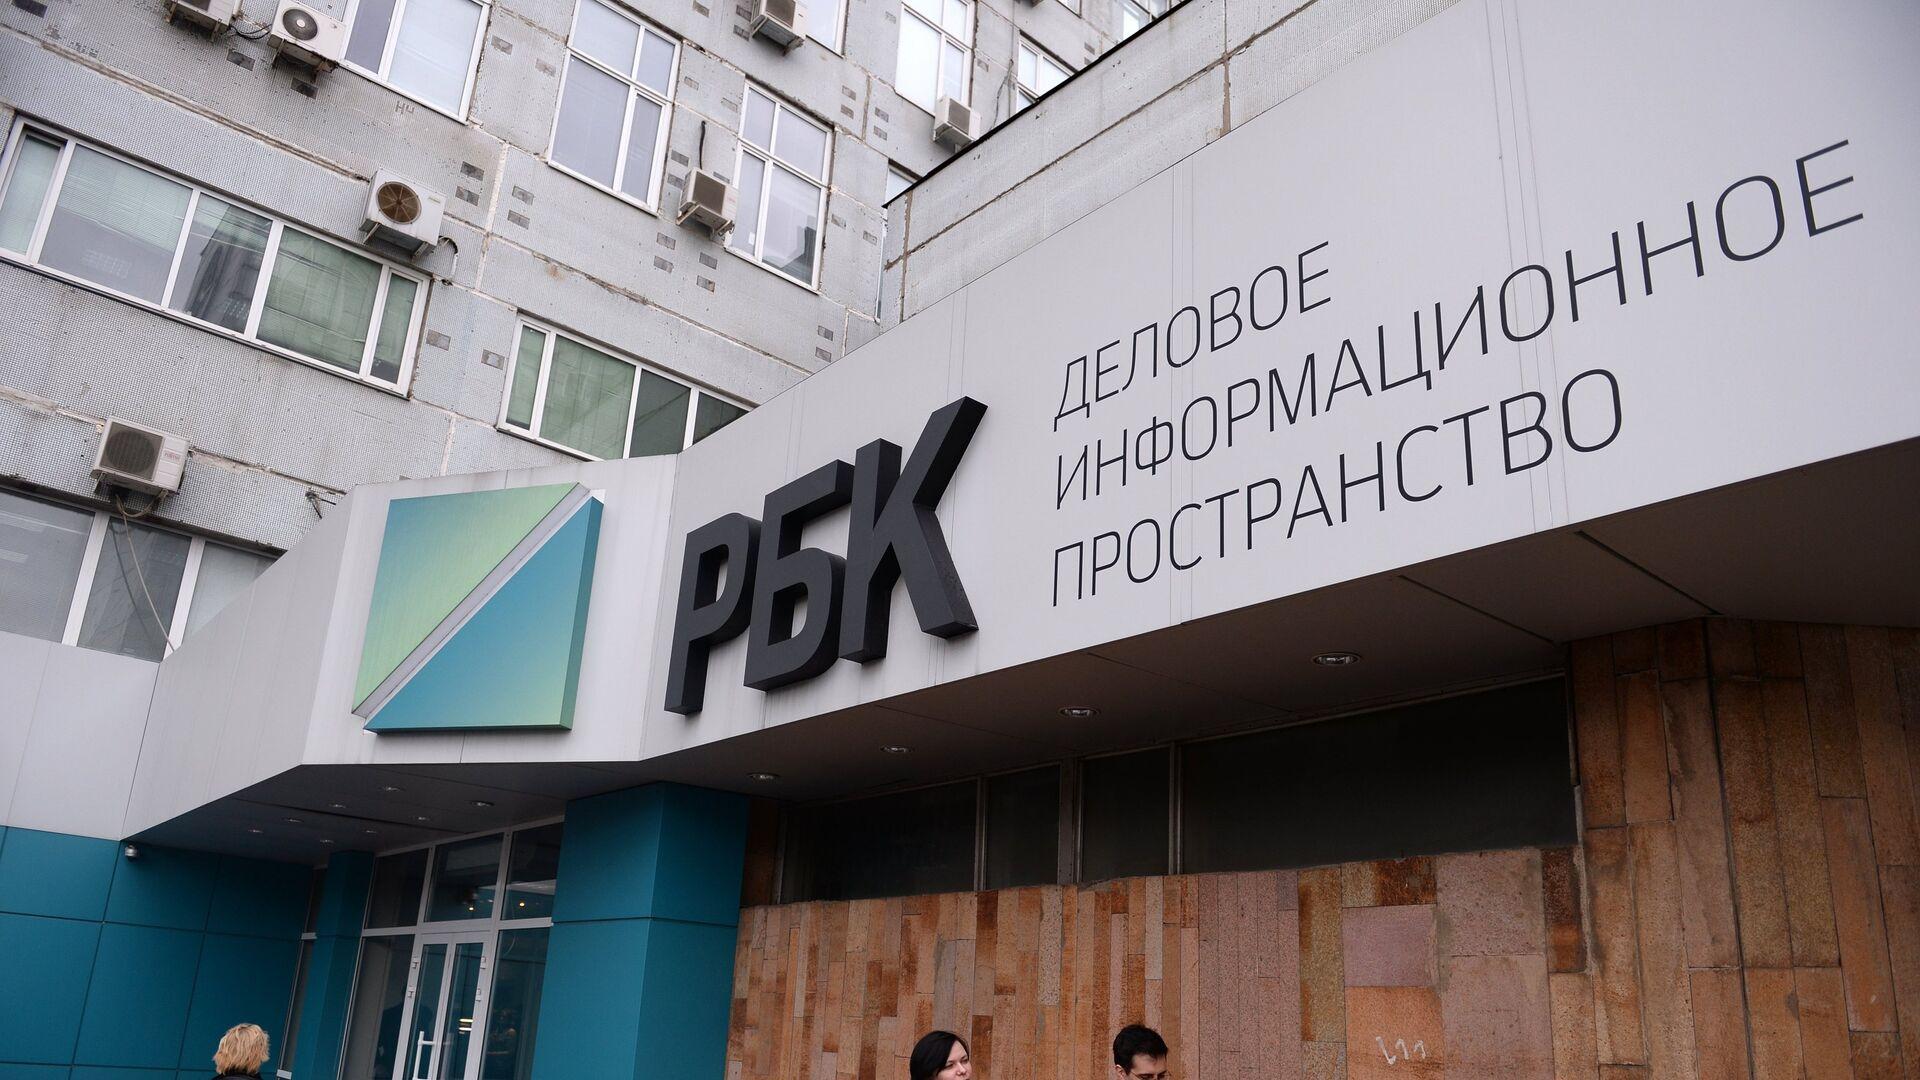 Здание медиахолдинга РБК в Москве - РИА Новости, 1920, 25.02.2021